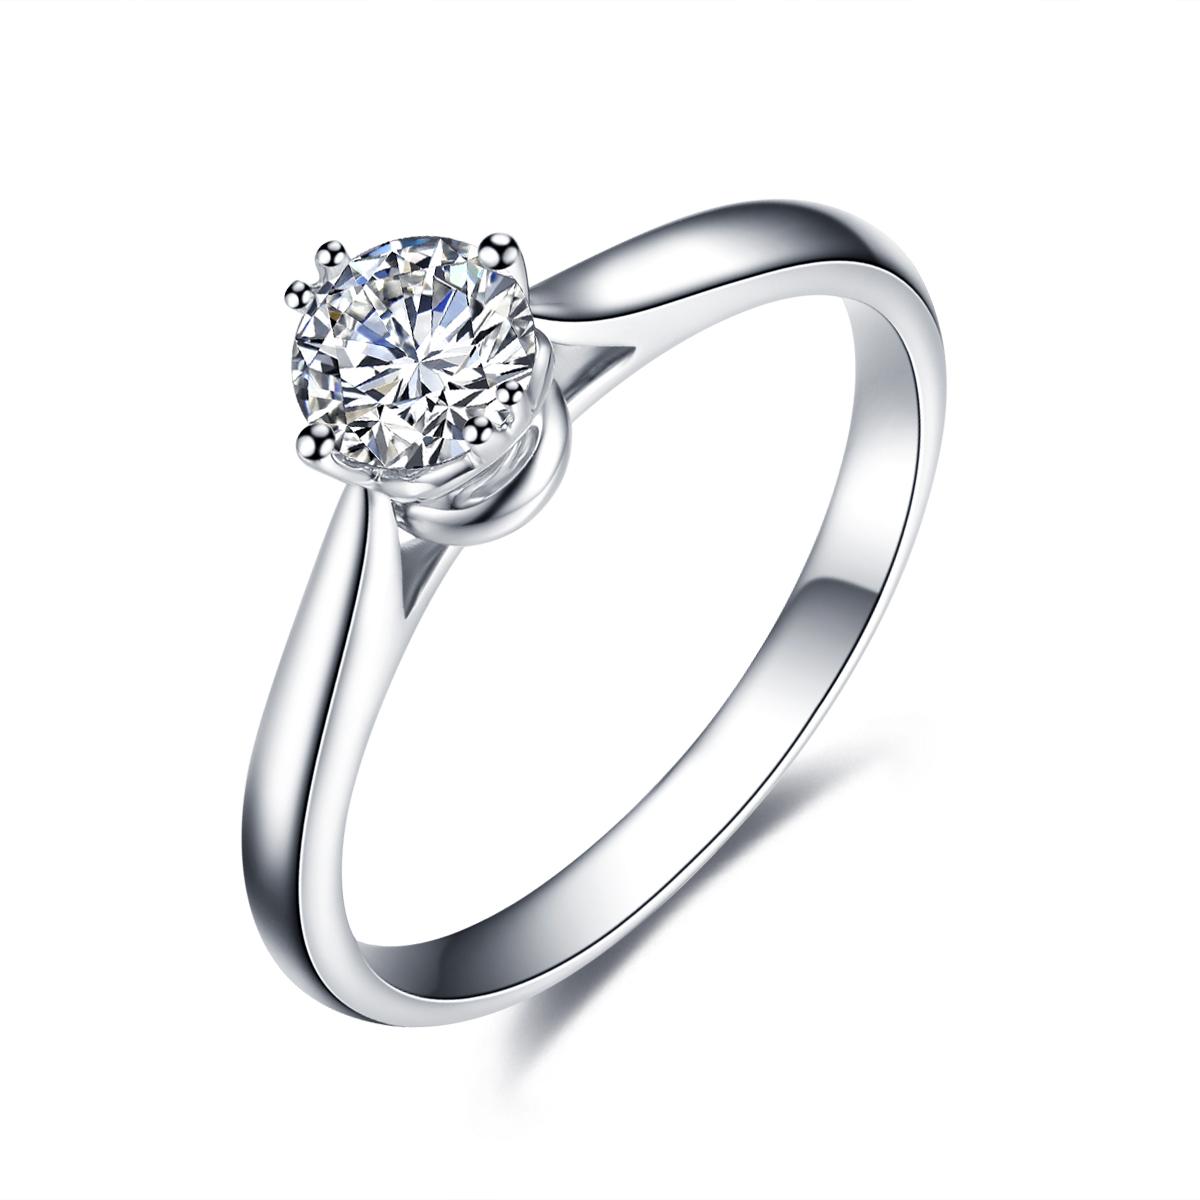 钻石戒指的尺寸可以改小或者改大吗